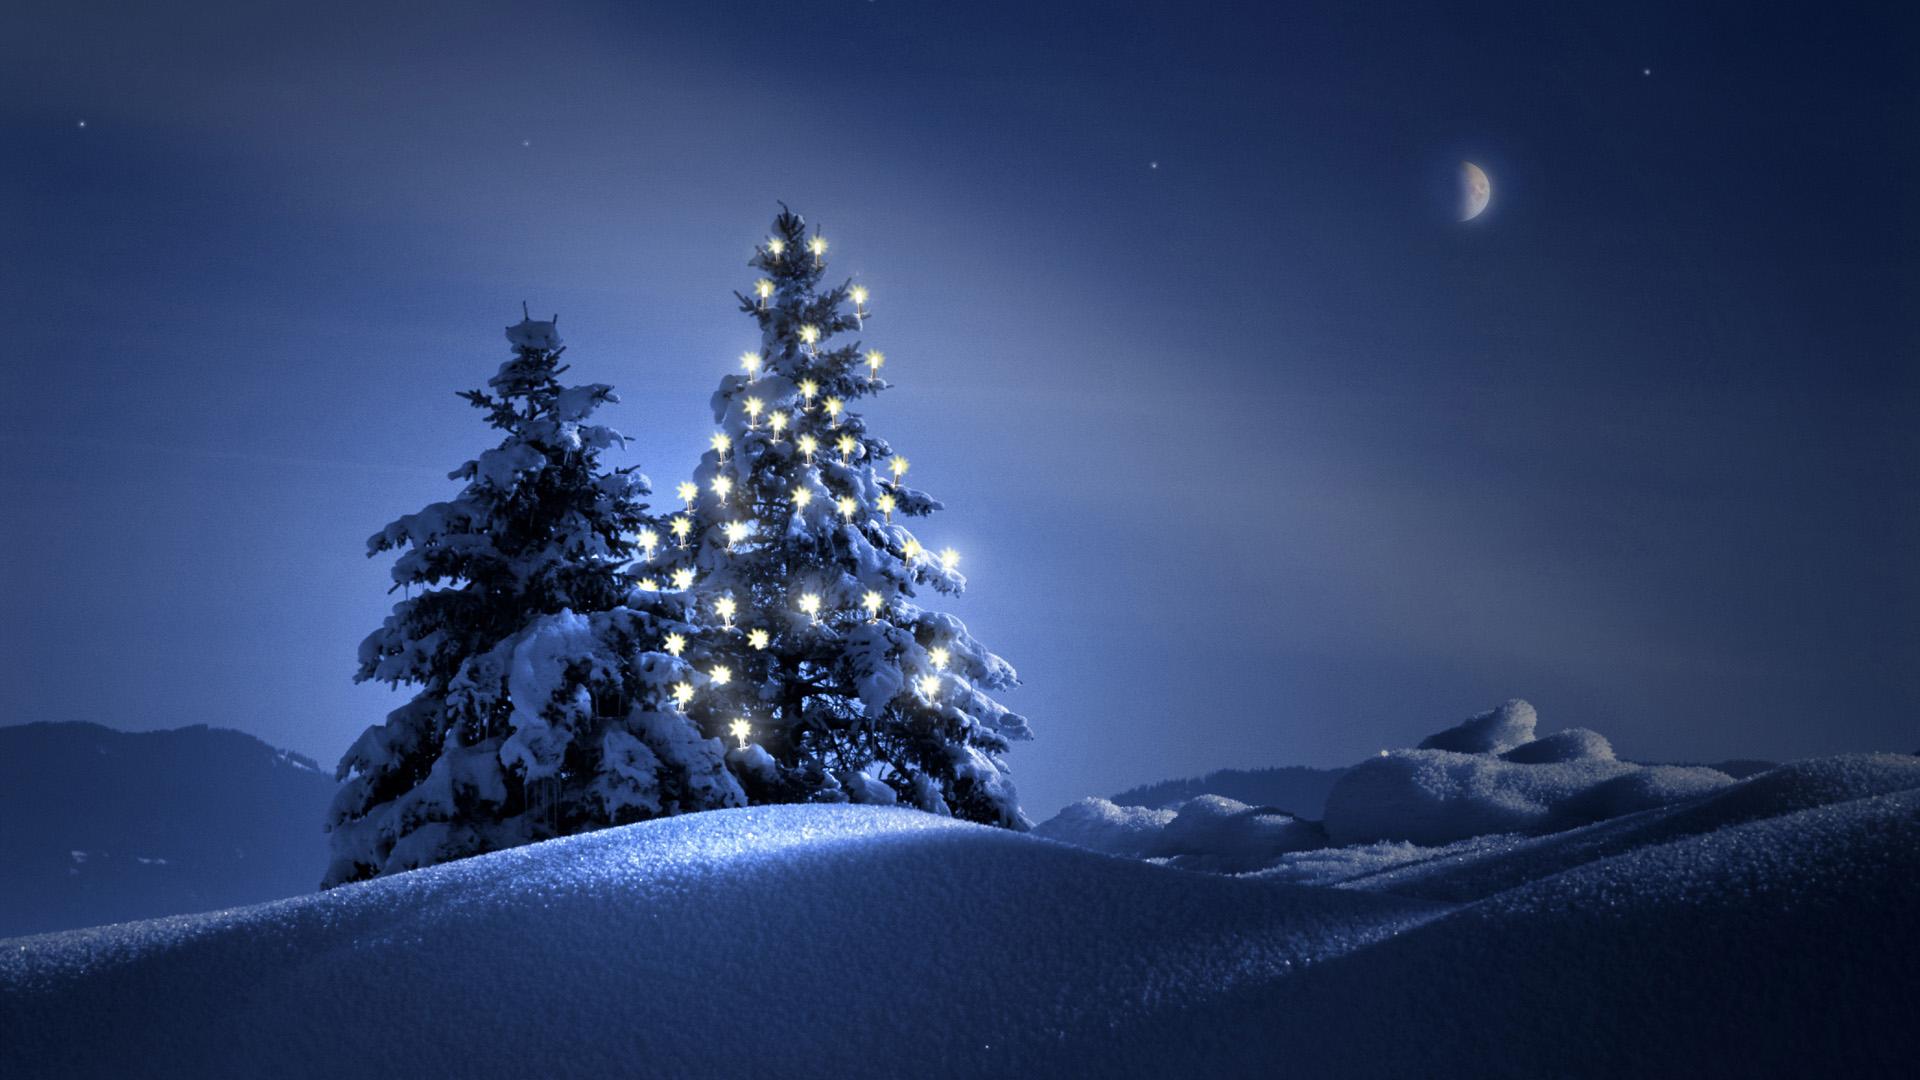 ель огни снег  № 3330388 без смс